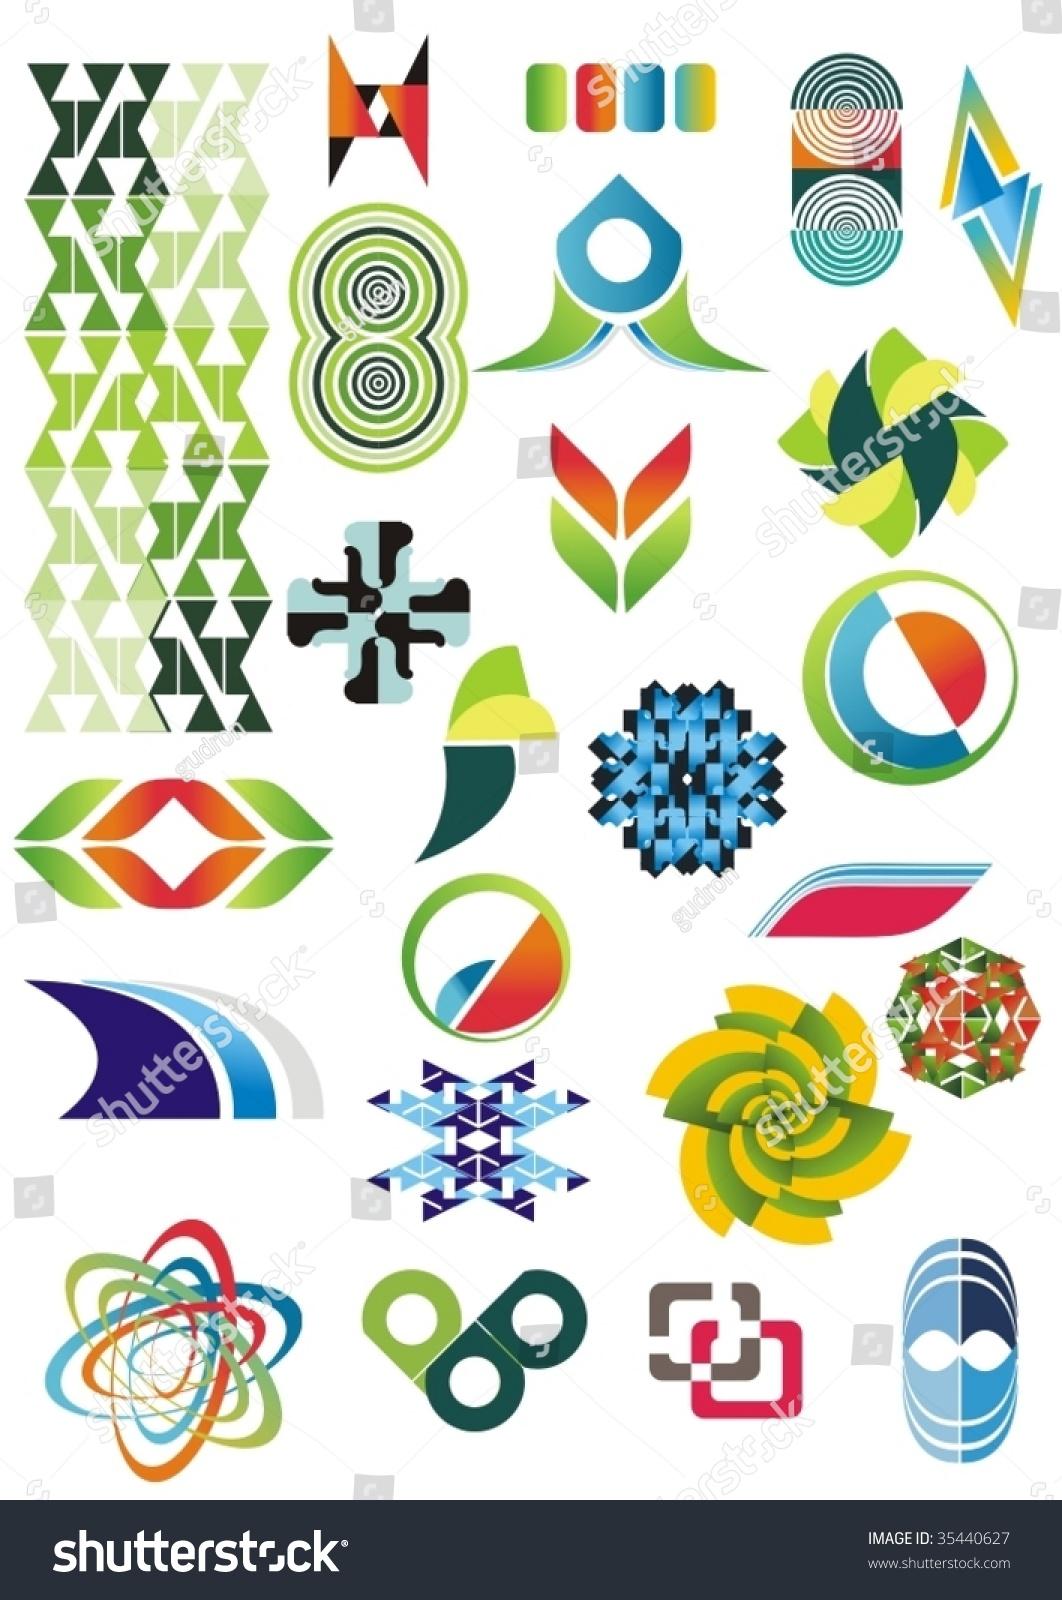 Vector Floral Ornaments Graphic Design, Vectors - 365PSD.com